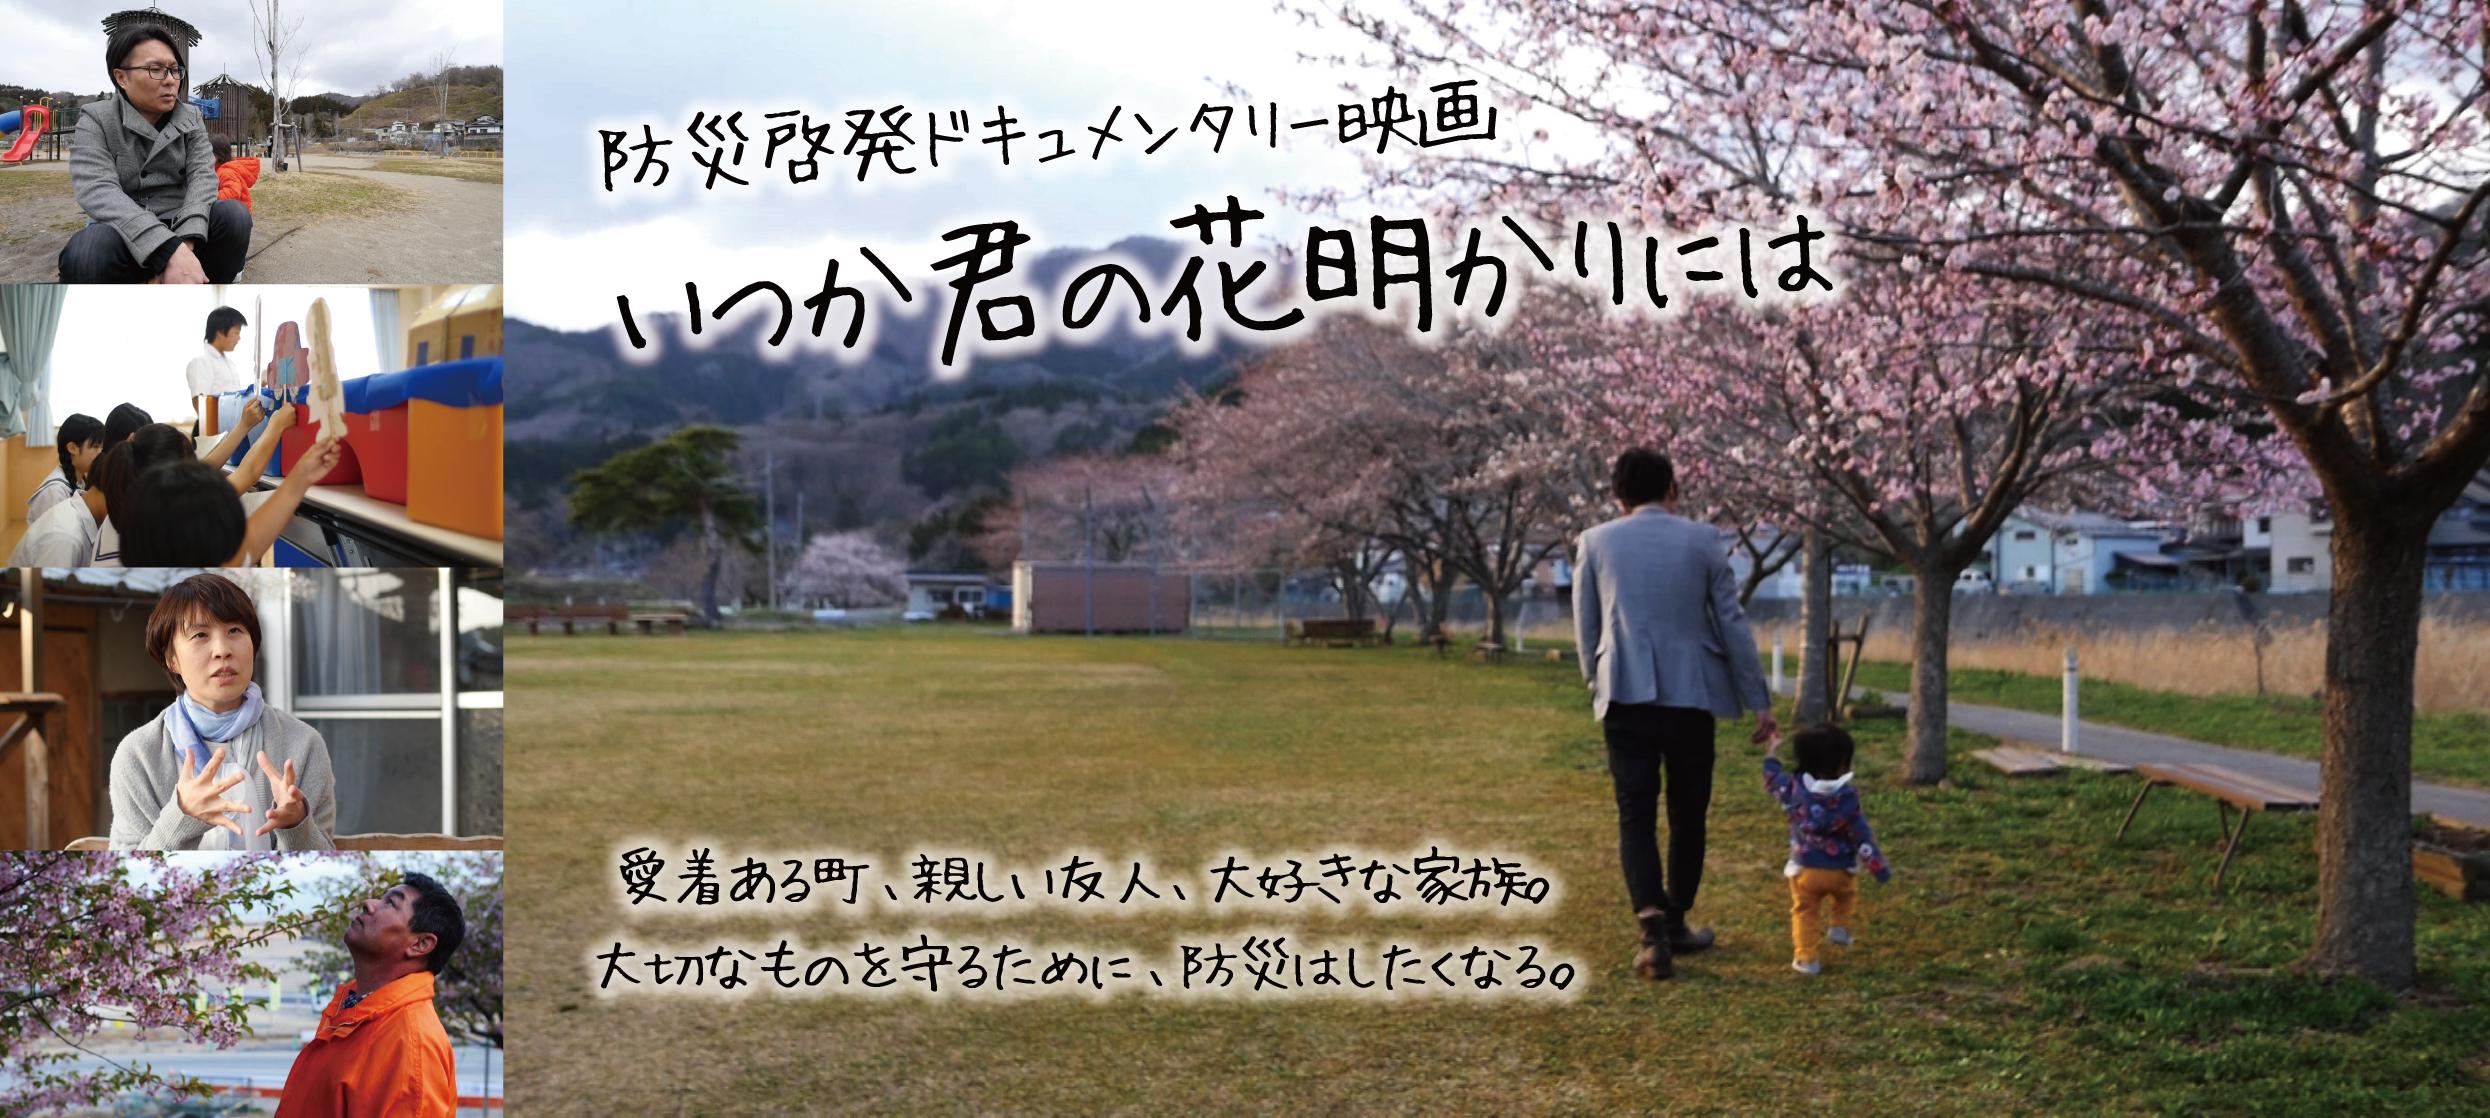 やはぎかん防災講座(特別編)防災啓発ドキュメンタリー上映会